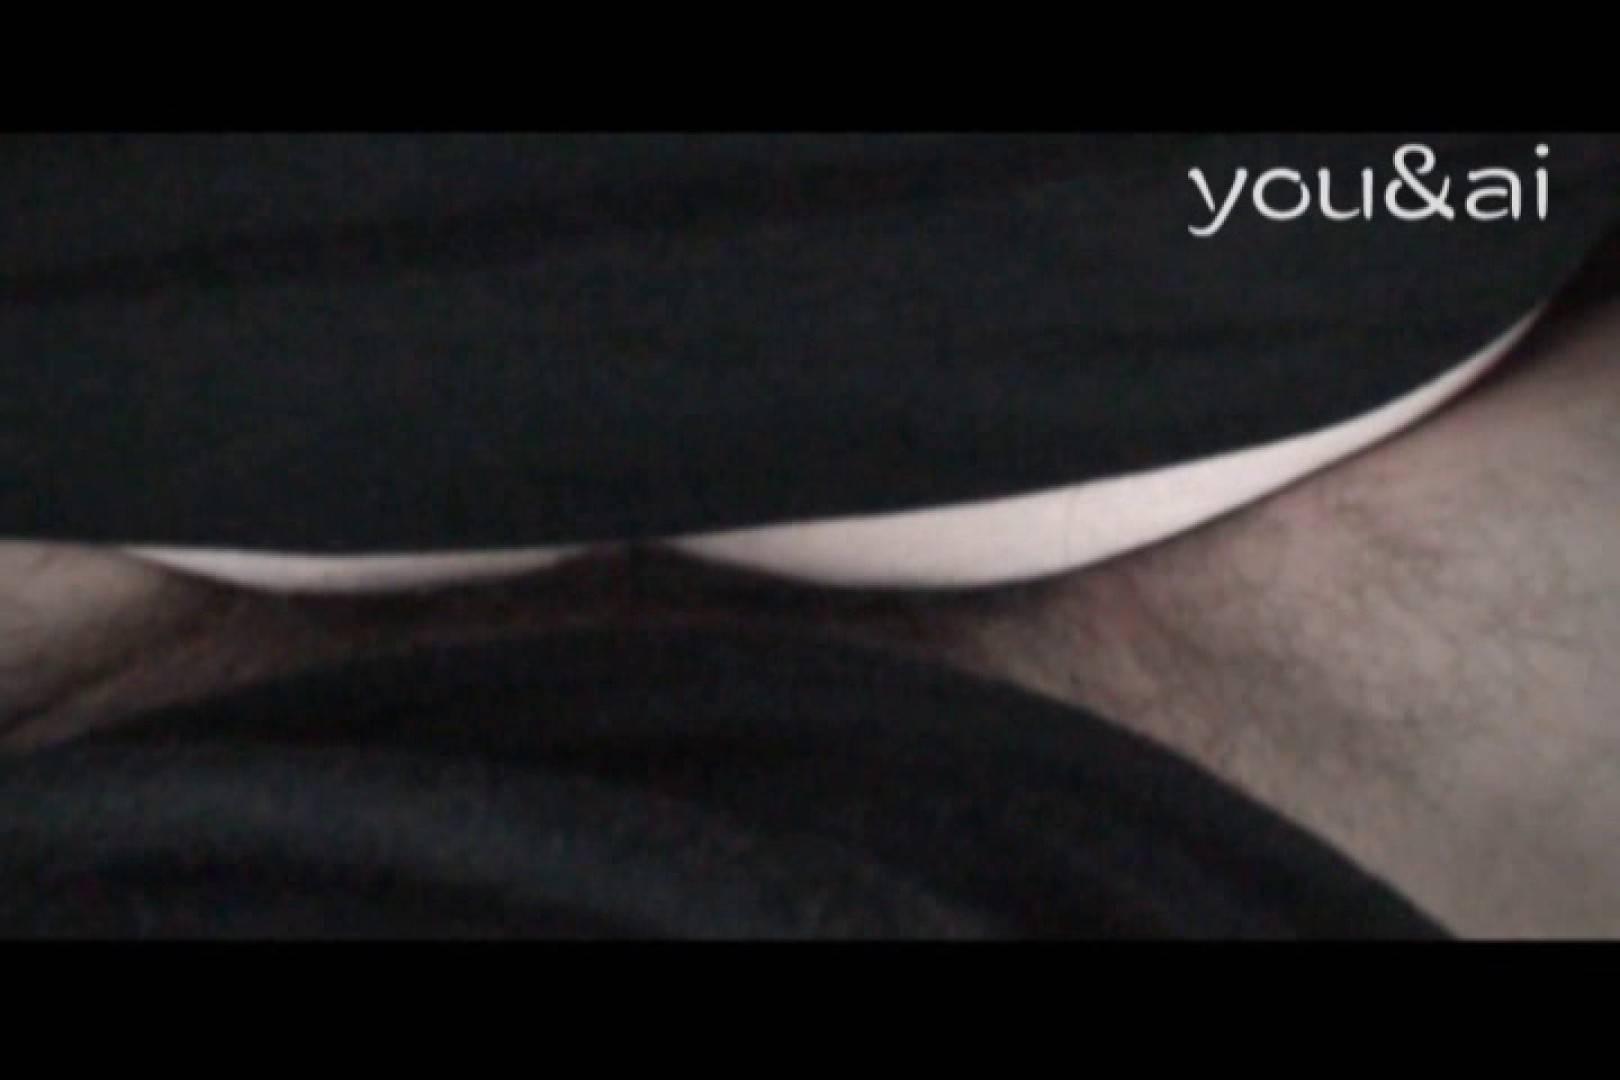 おしどり夫婦のyou&aiさん投稿作品vol.8 車 のぞき動画キャプチャ 112pic 19